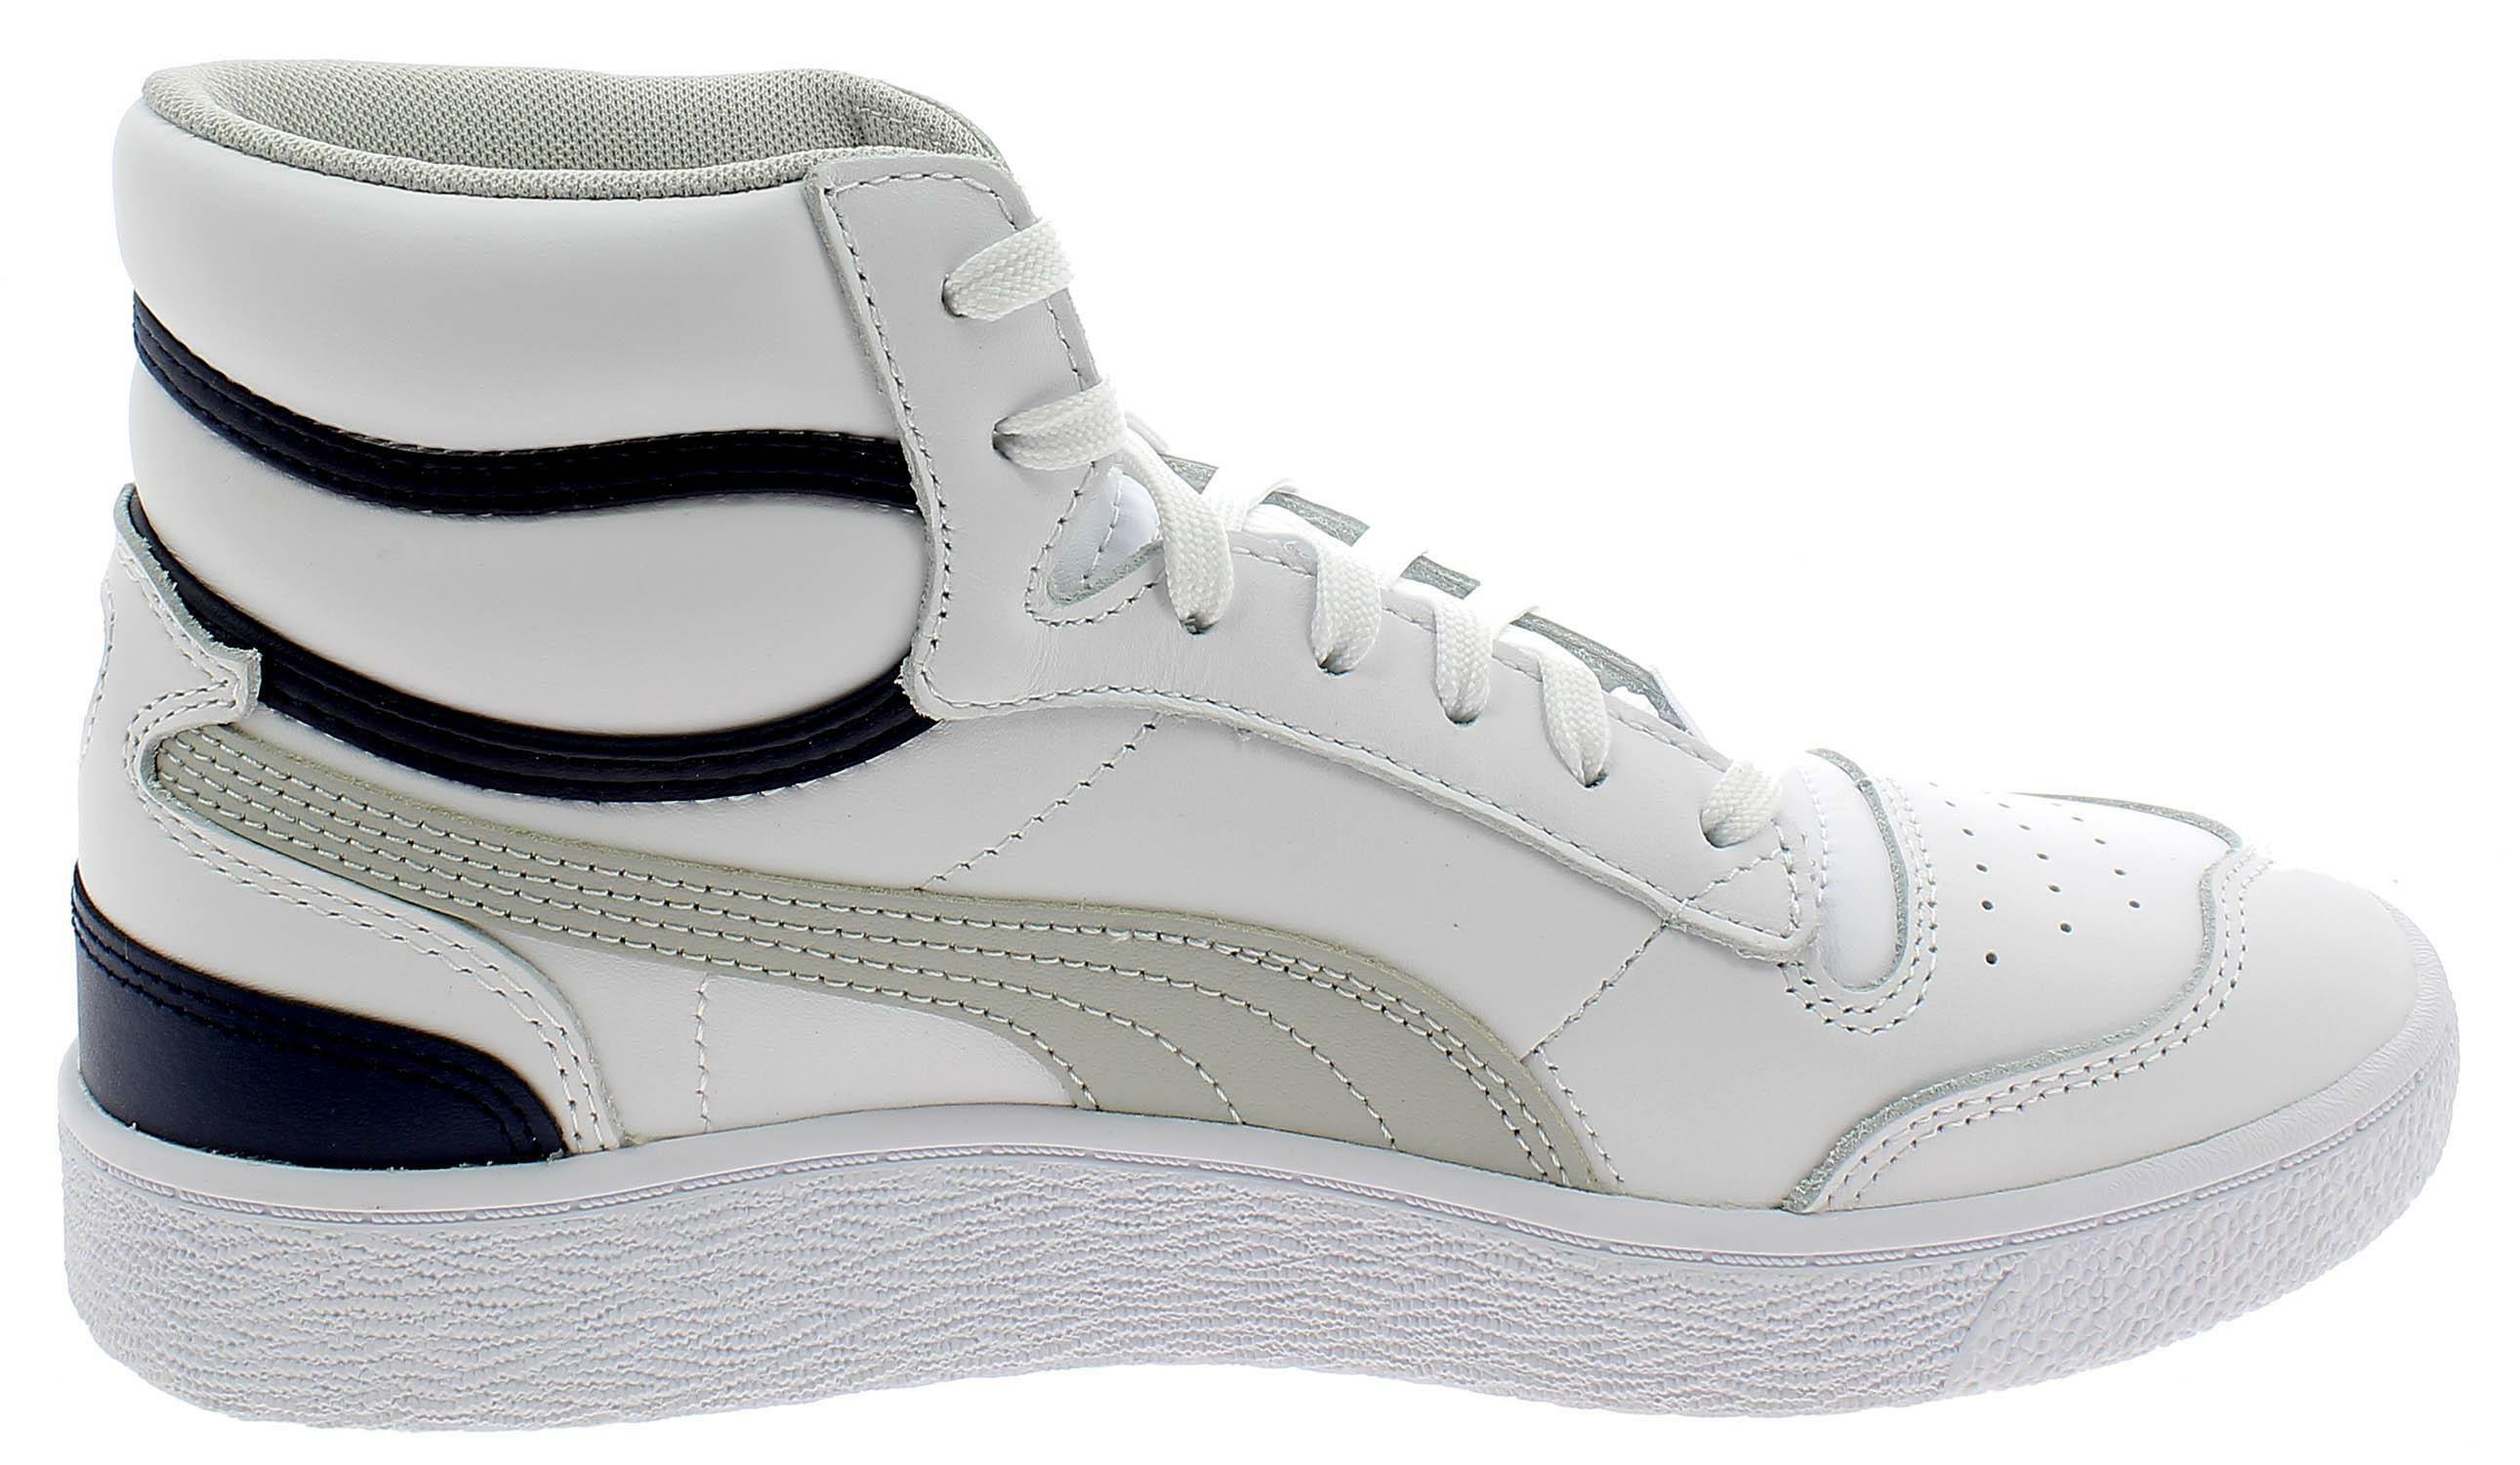 Puma ralph sampson mid scarpe sportive uomo bianche 37084704